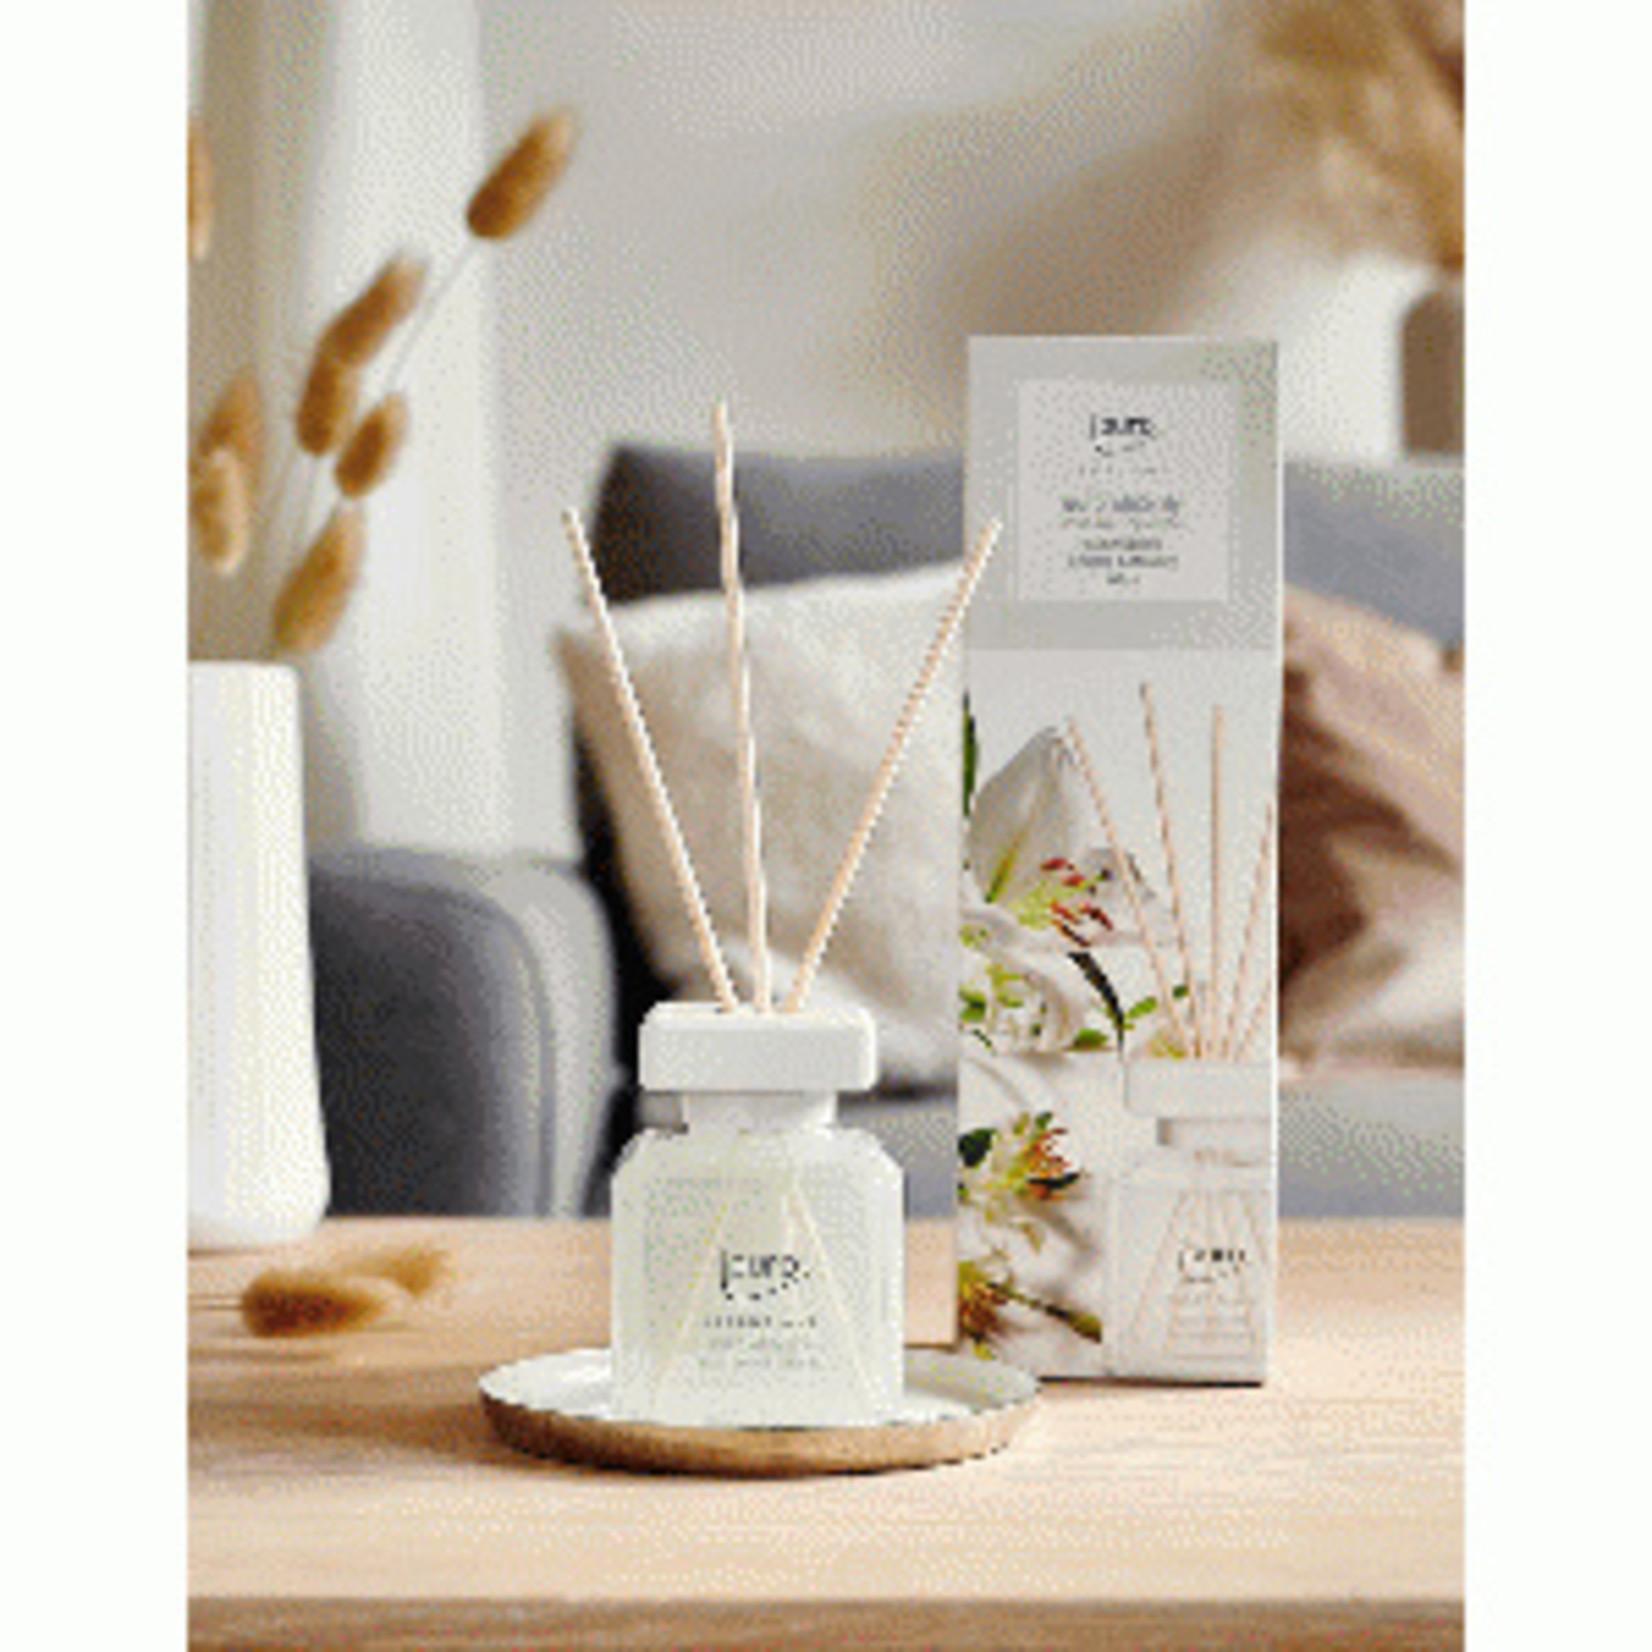 Ipuro Geurstokjes - White lily - 200ml